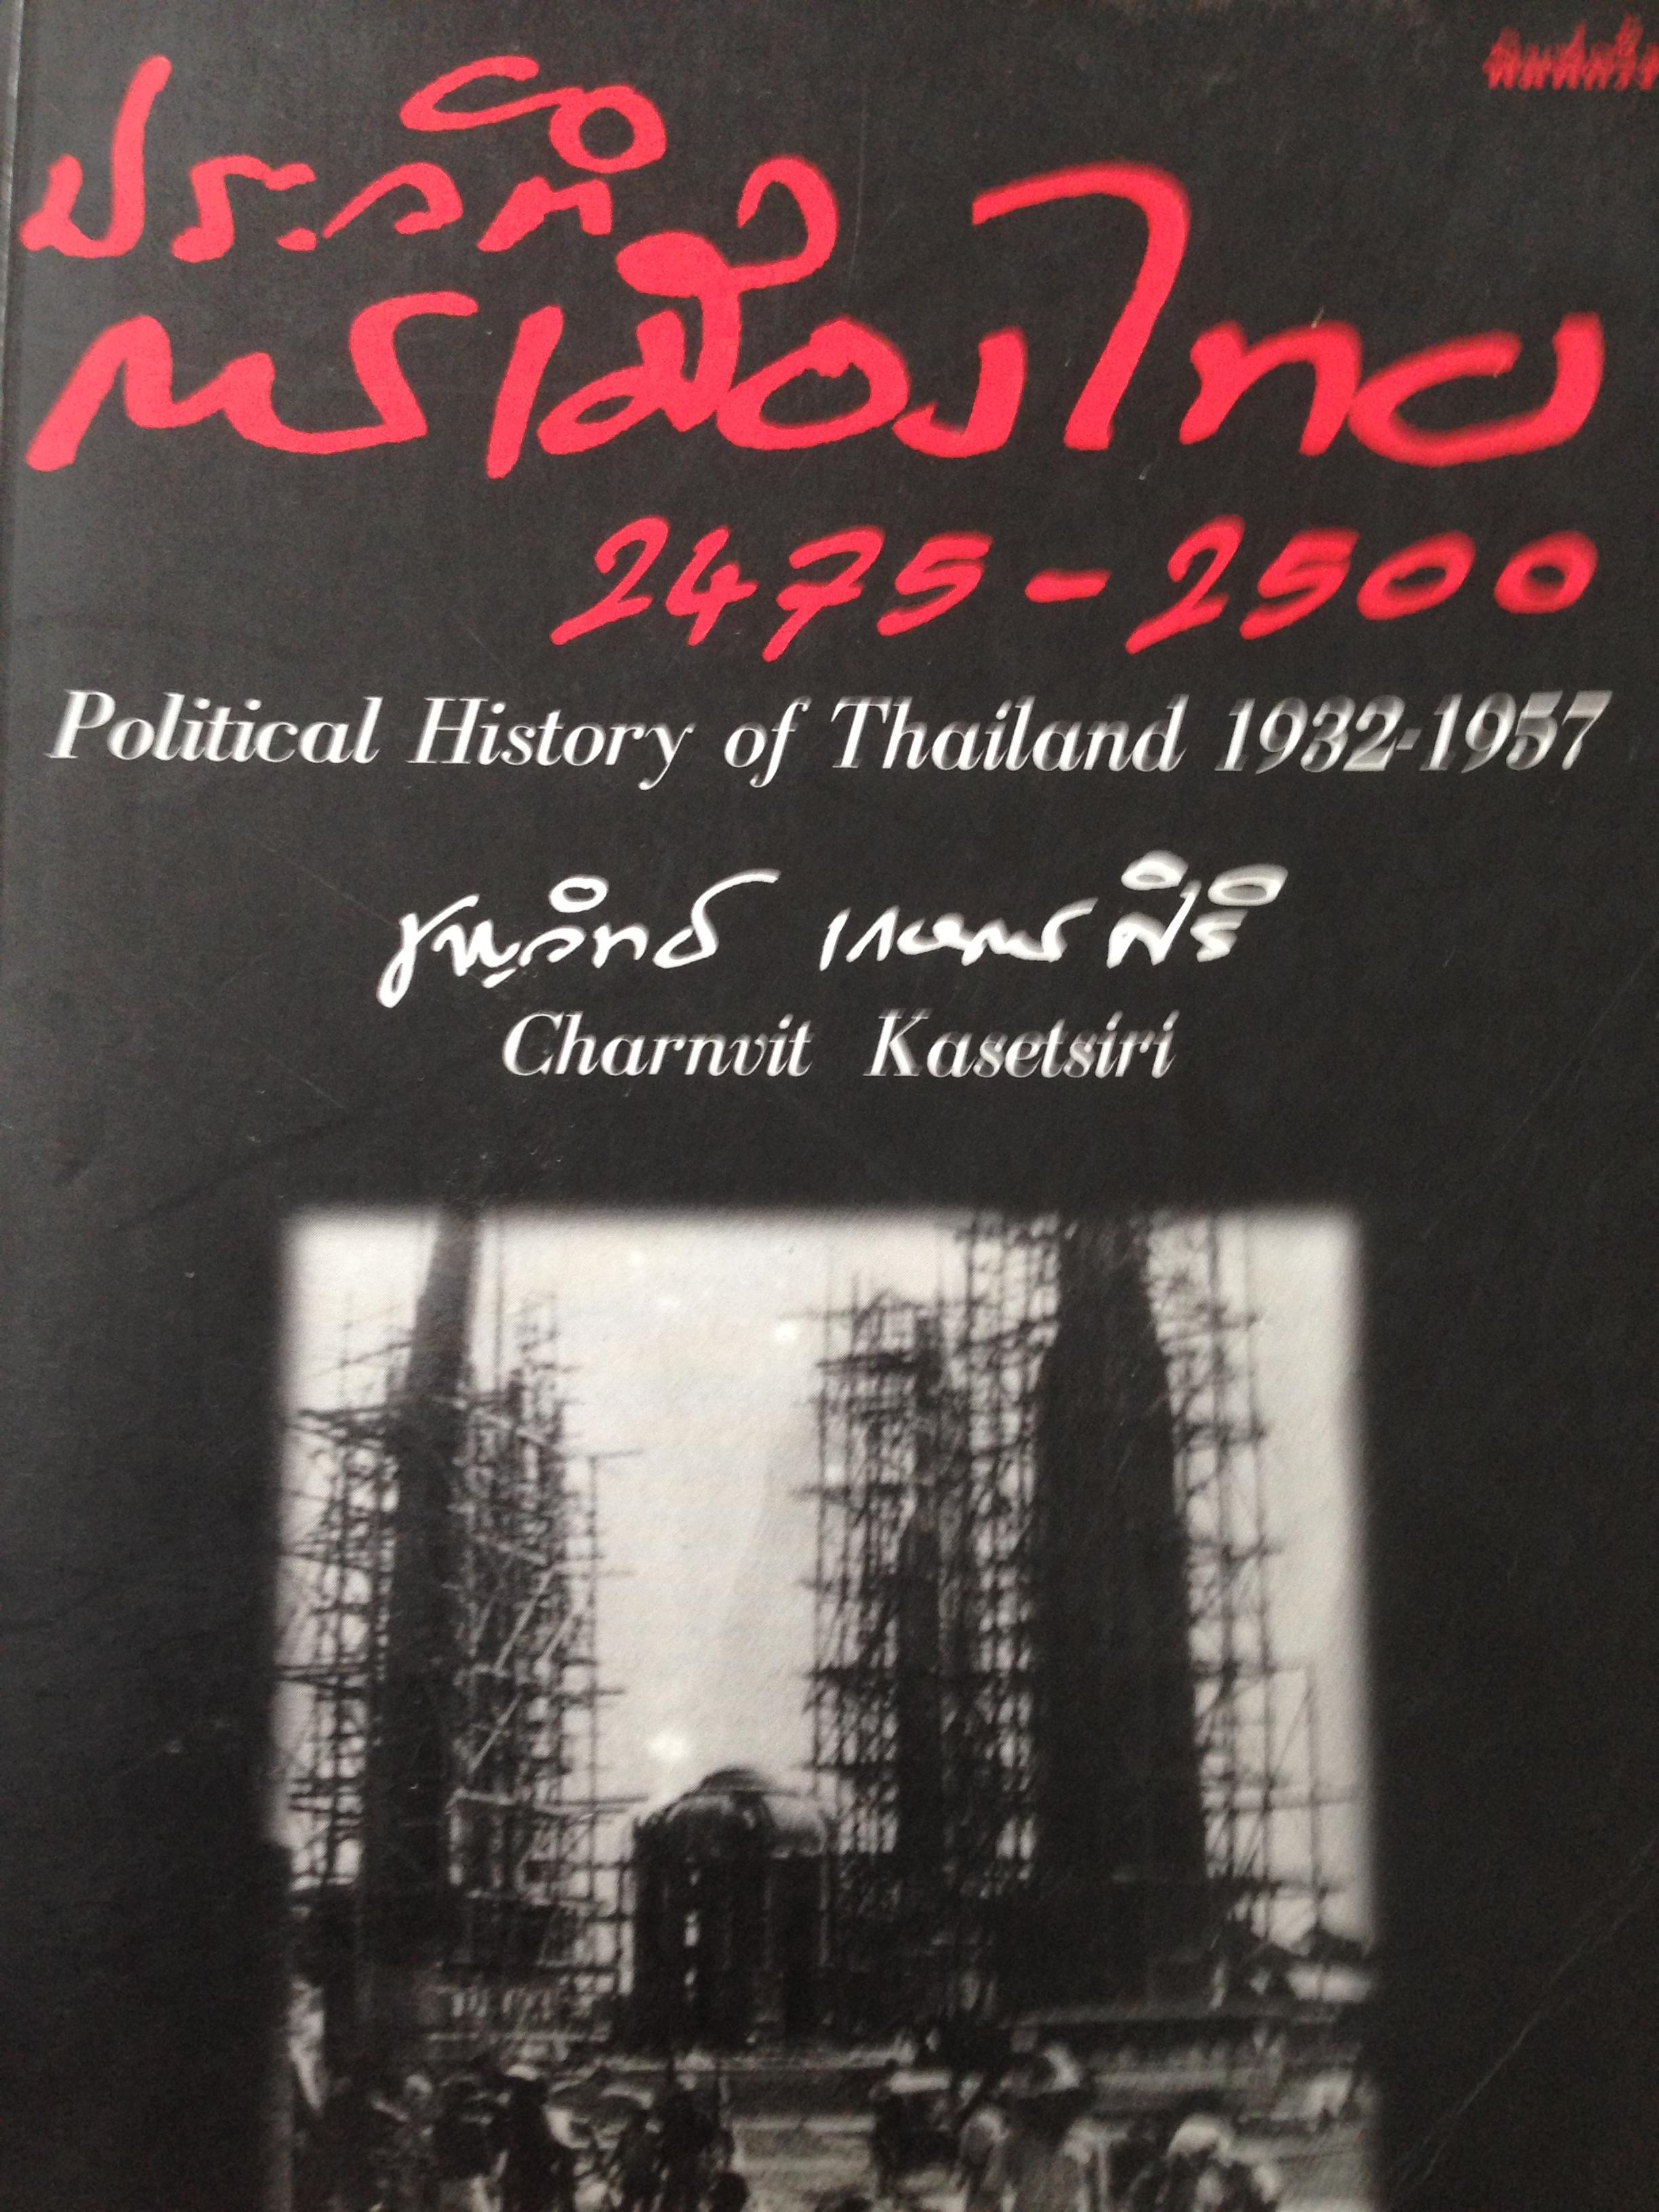 หนังสือเกี่ยวกับประวัติศาสตร์การเมืองไทยโดยชาญวิทย์ เกษตรศิริ รวม3เล่ม ของมูลนิธิโครงการตำราสังคมศาสตร์และมนุษยศาสตร์หน้าราคา250บาท2)